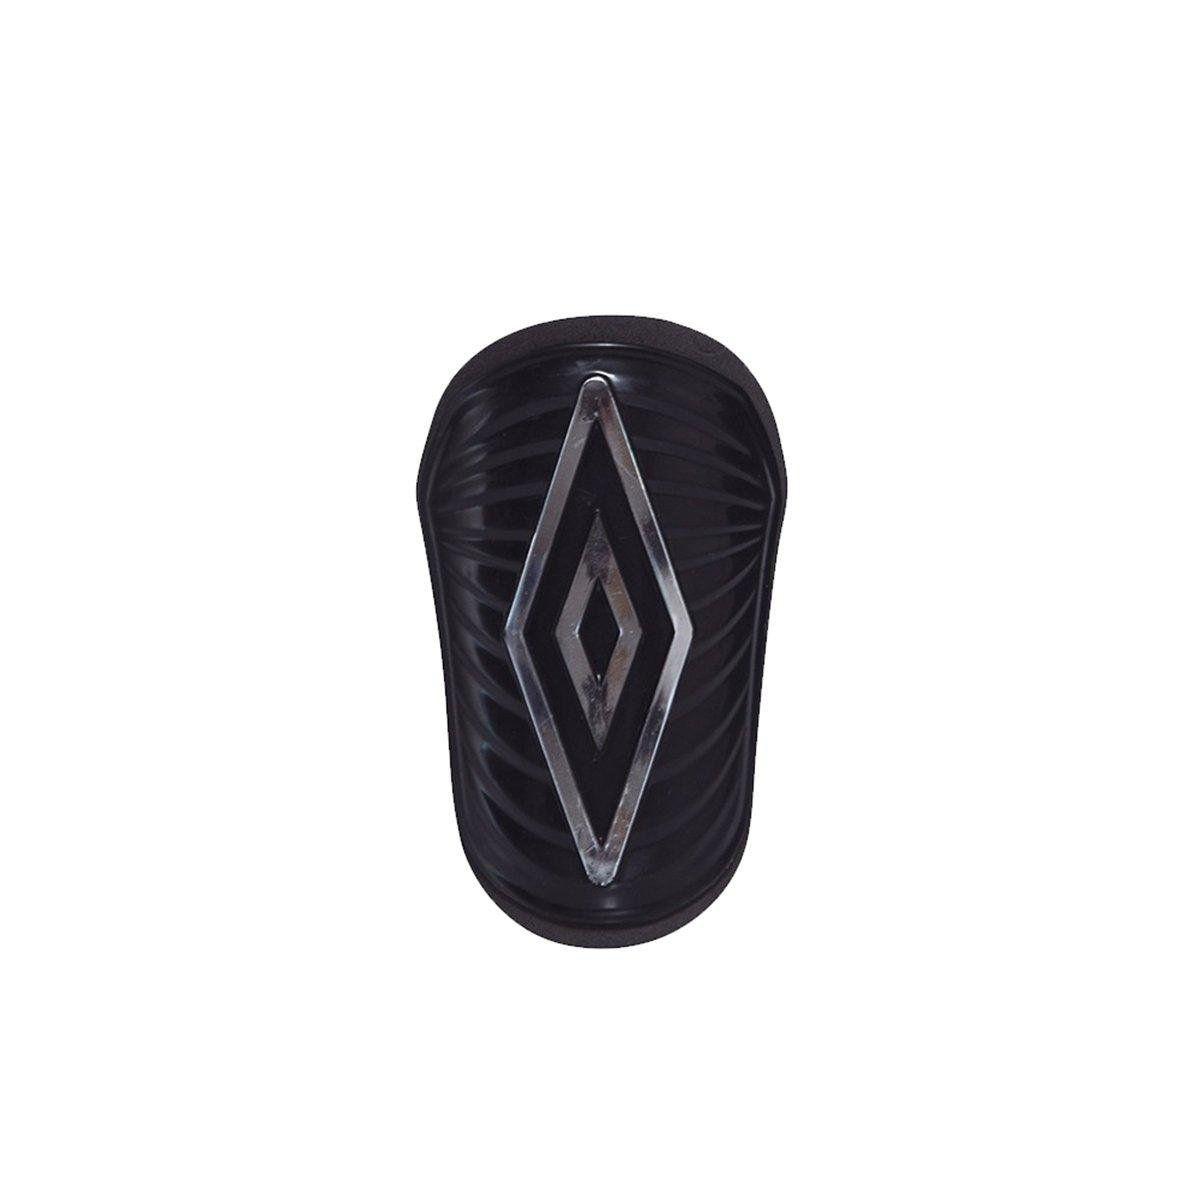 Caneleira Umbro 1f87000 Diamond Ss - Un Pto Cza